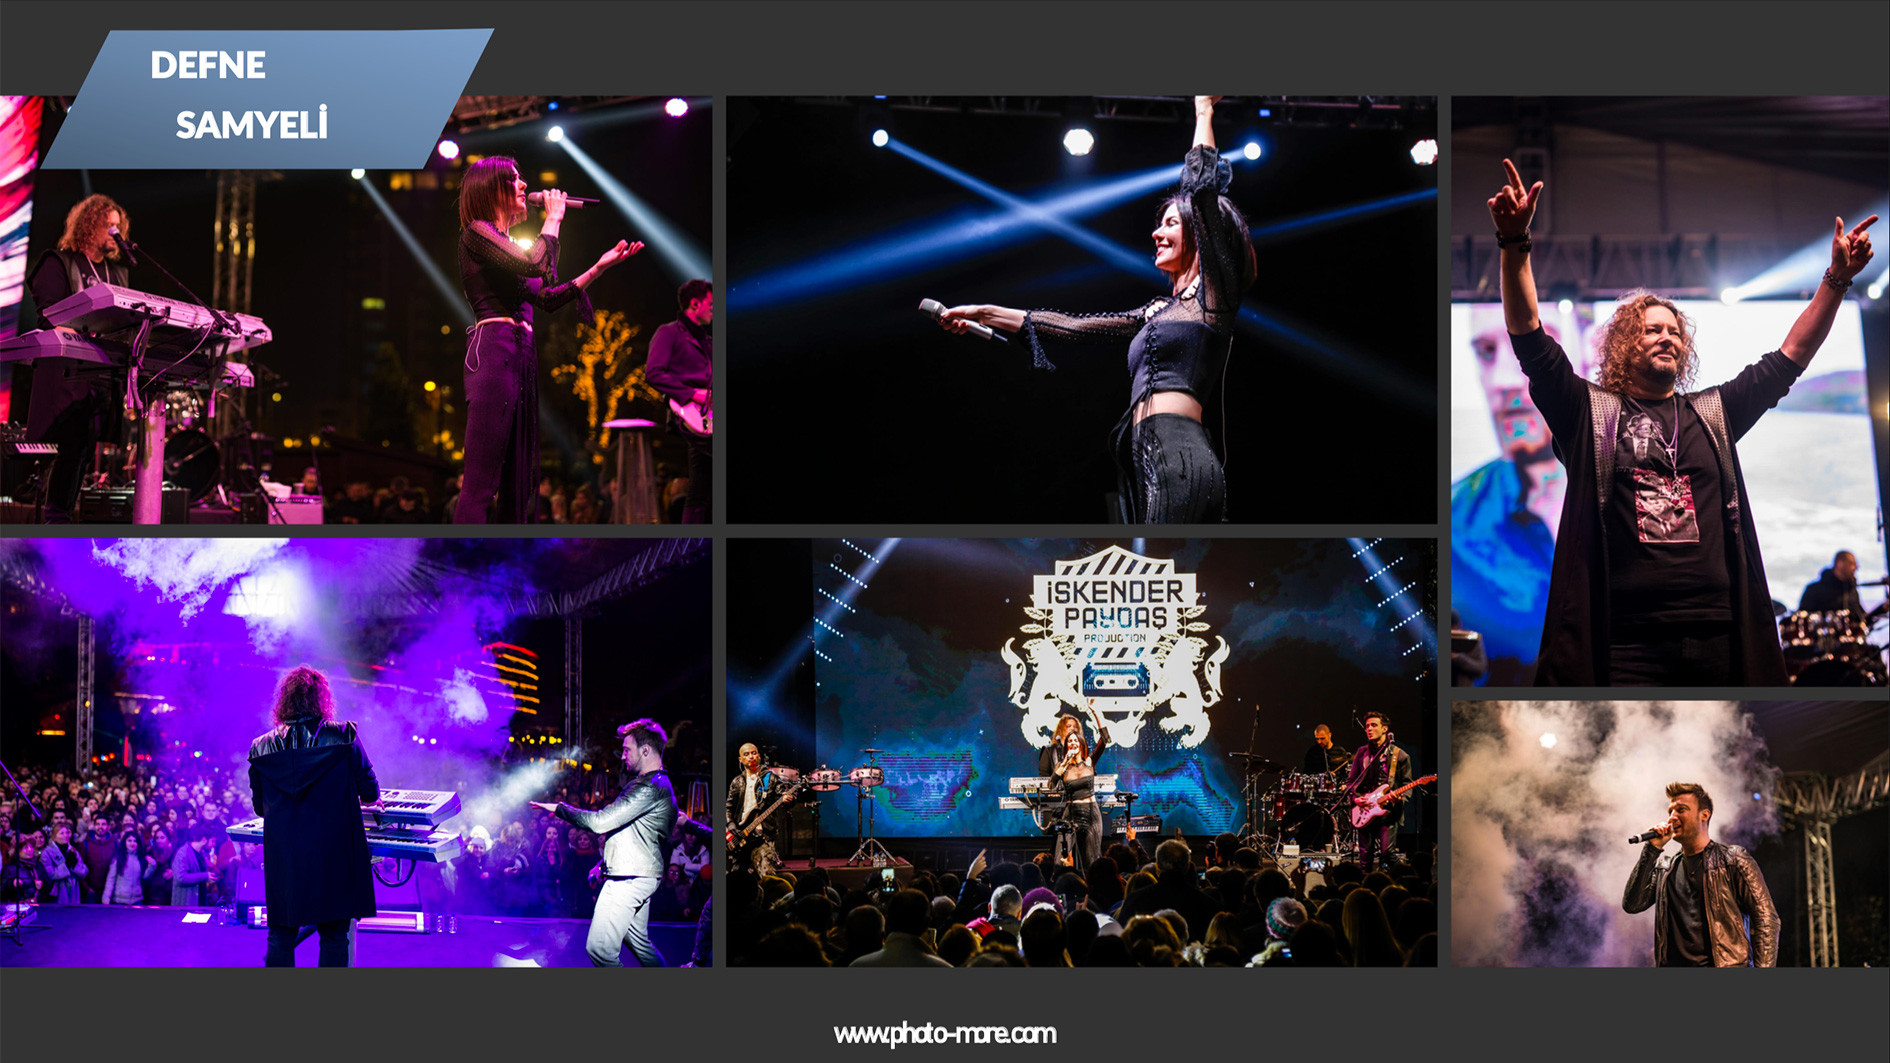 Defne Samyeli & İskender Paydaş Konseri